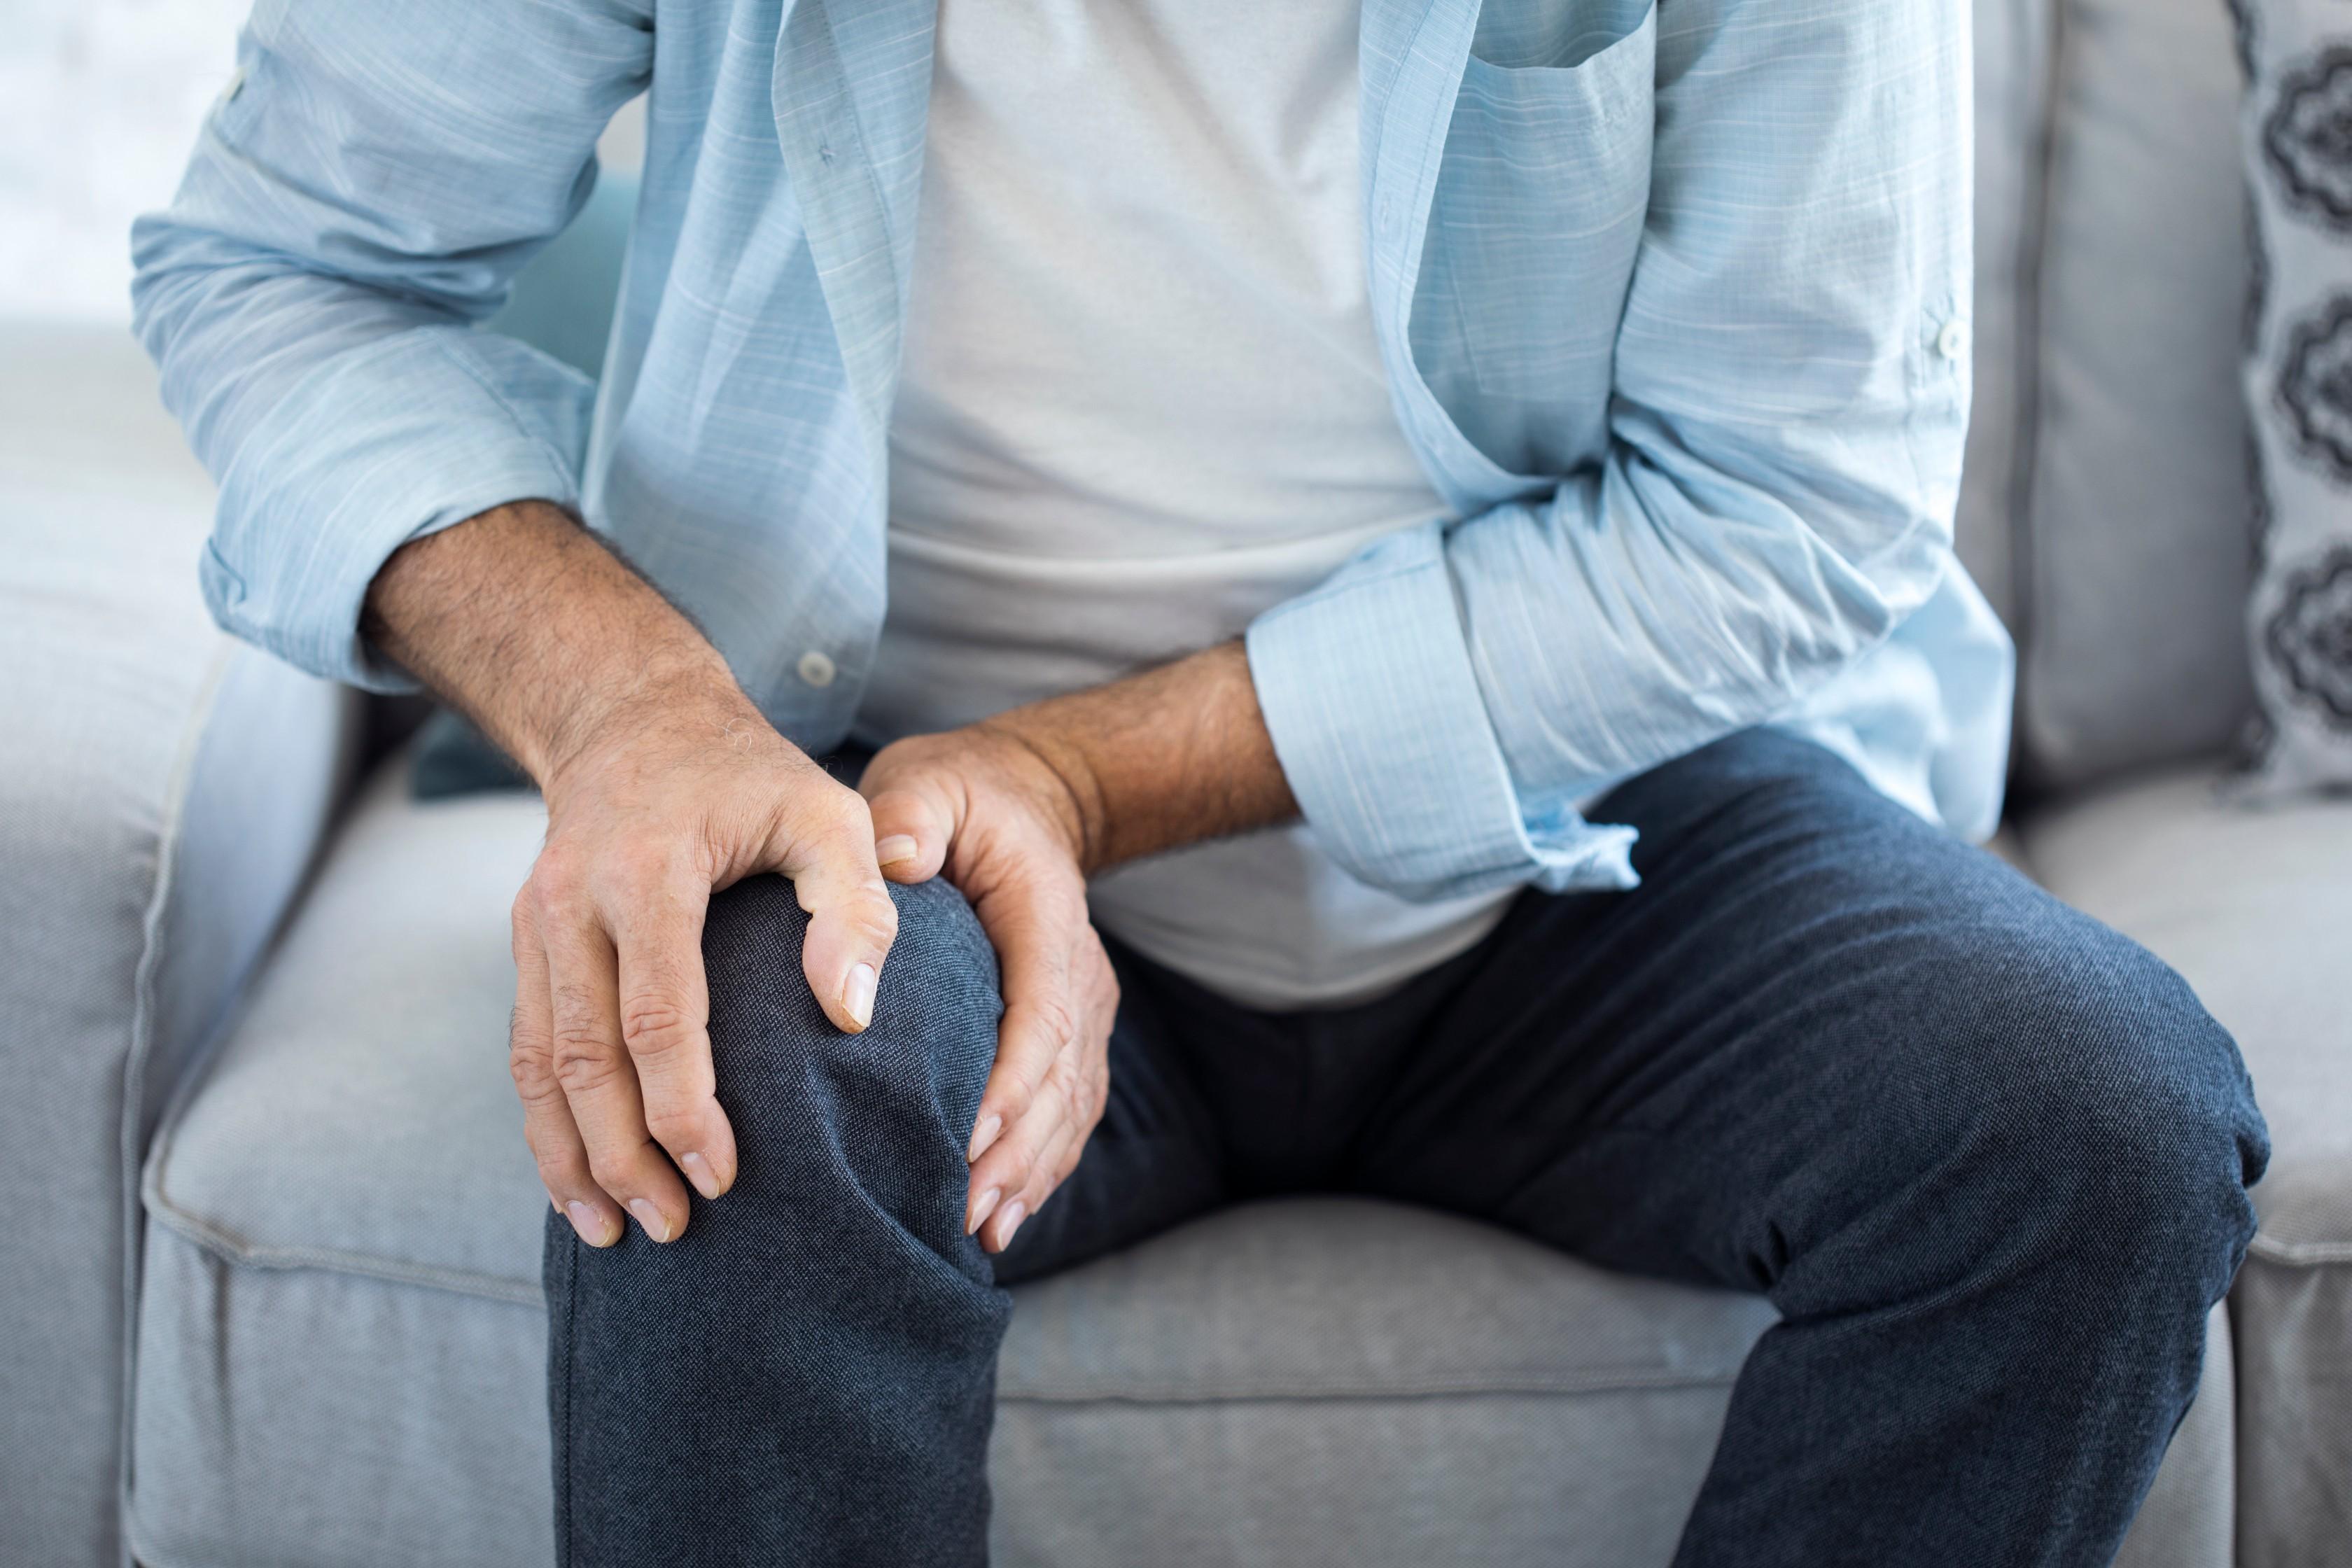 fájdalom a karban és az ízületekben mit kell tenni súlyos ízületi fájdalmak esetén